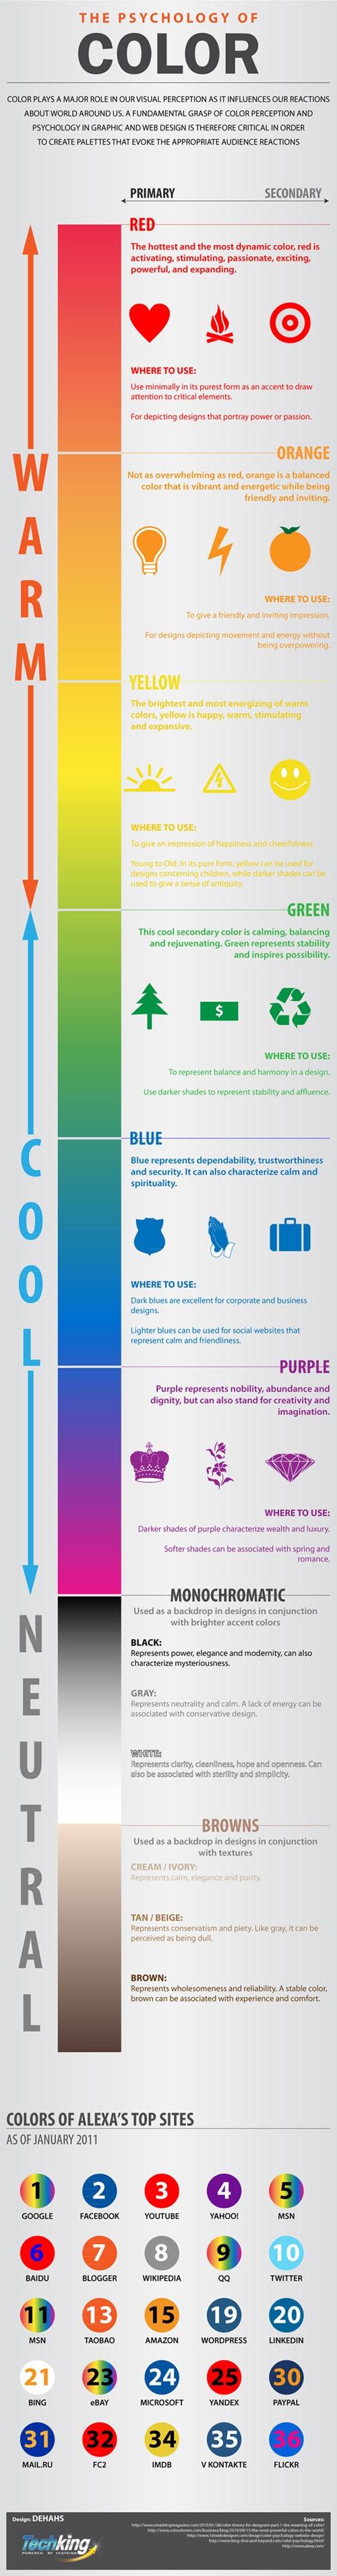 UX/UI Design / The Psychology of Color